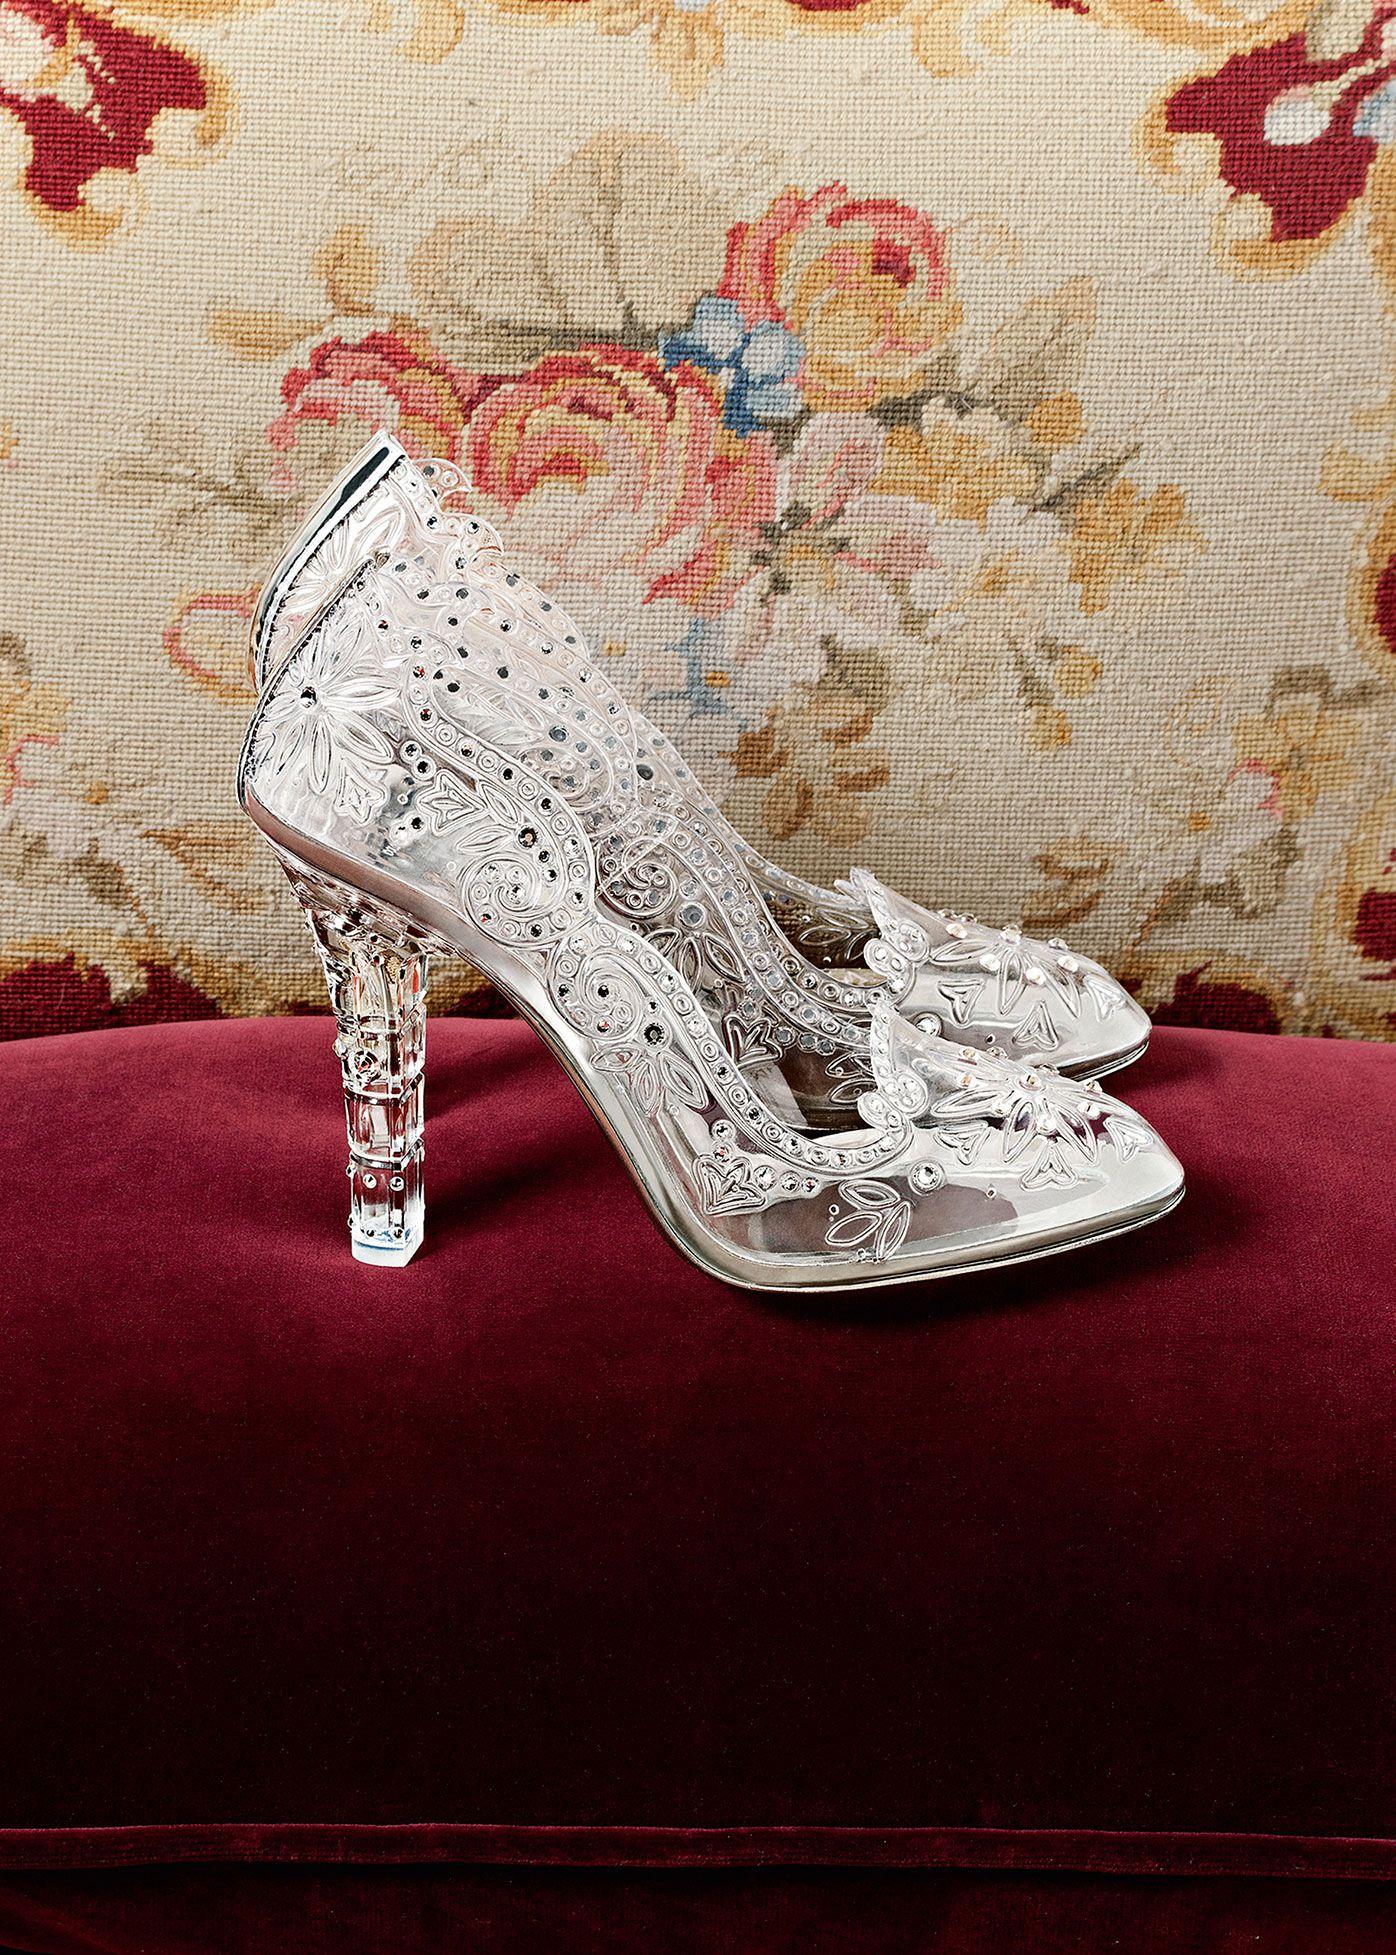 Scarpe Sposa Dolce E Gabbana.Dolce Gabbana V Decorare Scarpe Scarpe Da Sposa Scarpe Col Tacco